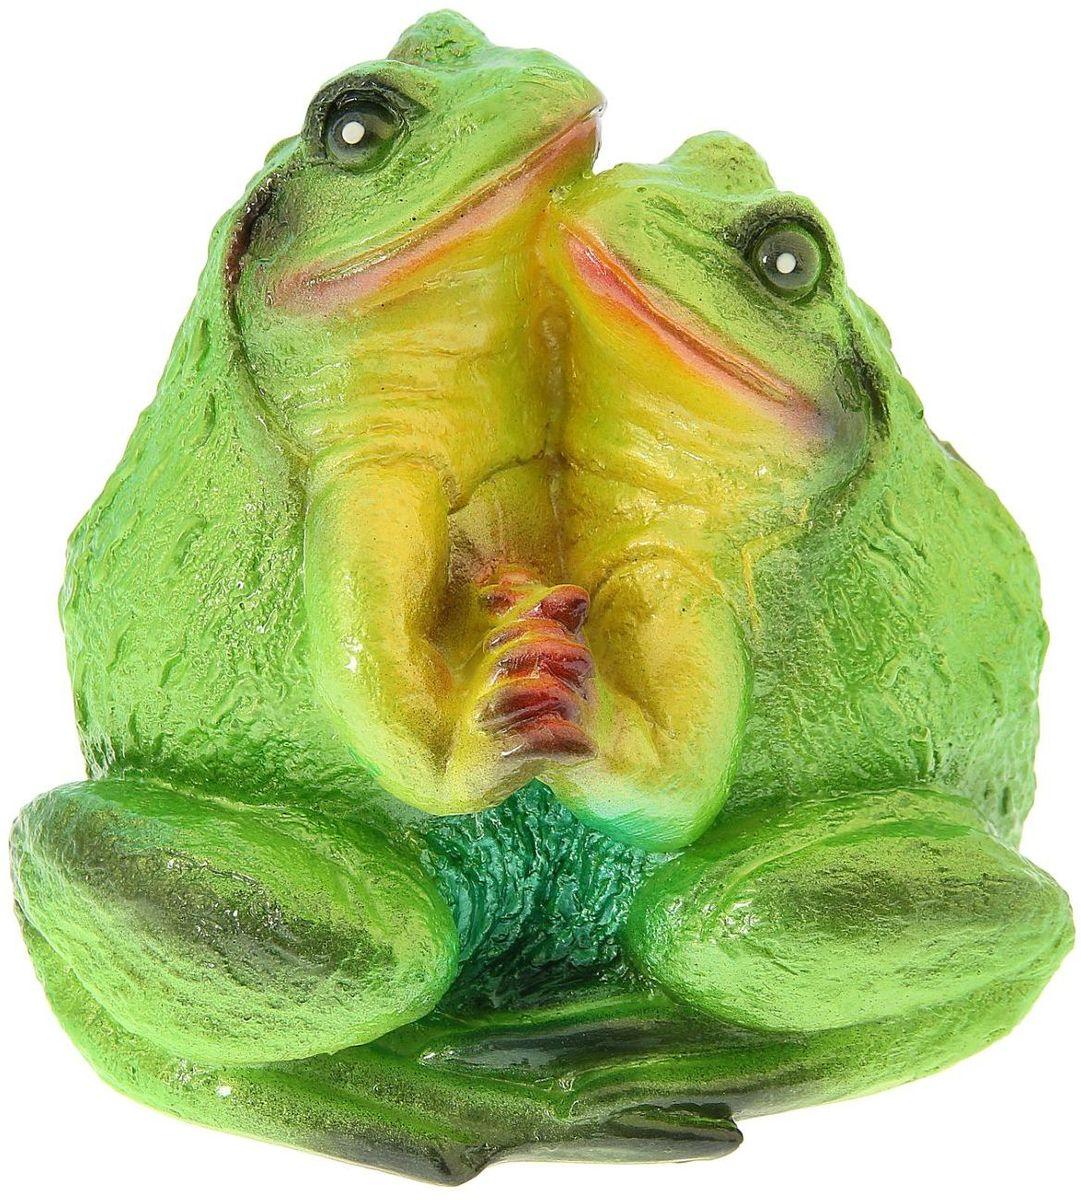 Фигура садовая Premium Gips Пара жаб, 19 х 20 х 20 см1148478Забавные лягушата добавят новые краски в ландшафт сада. Красочная садовая фигура расставит нужные акценты: приманит взор к водоему или привлечет внимание к цветочной клумбе.Гармоничнее всего лягушки сморятся в местах своего природного обитания: располагайте их рядом с водой или в траве. Фигура из гипса экологичная, легкая и долговечная. Она сделает любимый сад неповторимым.